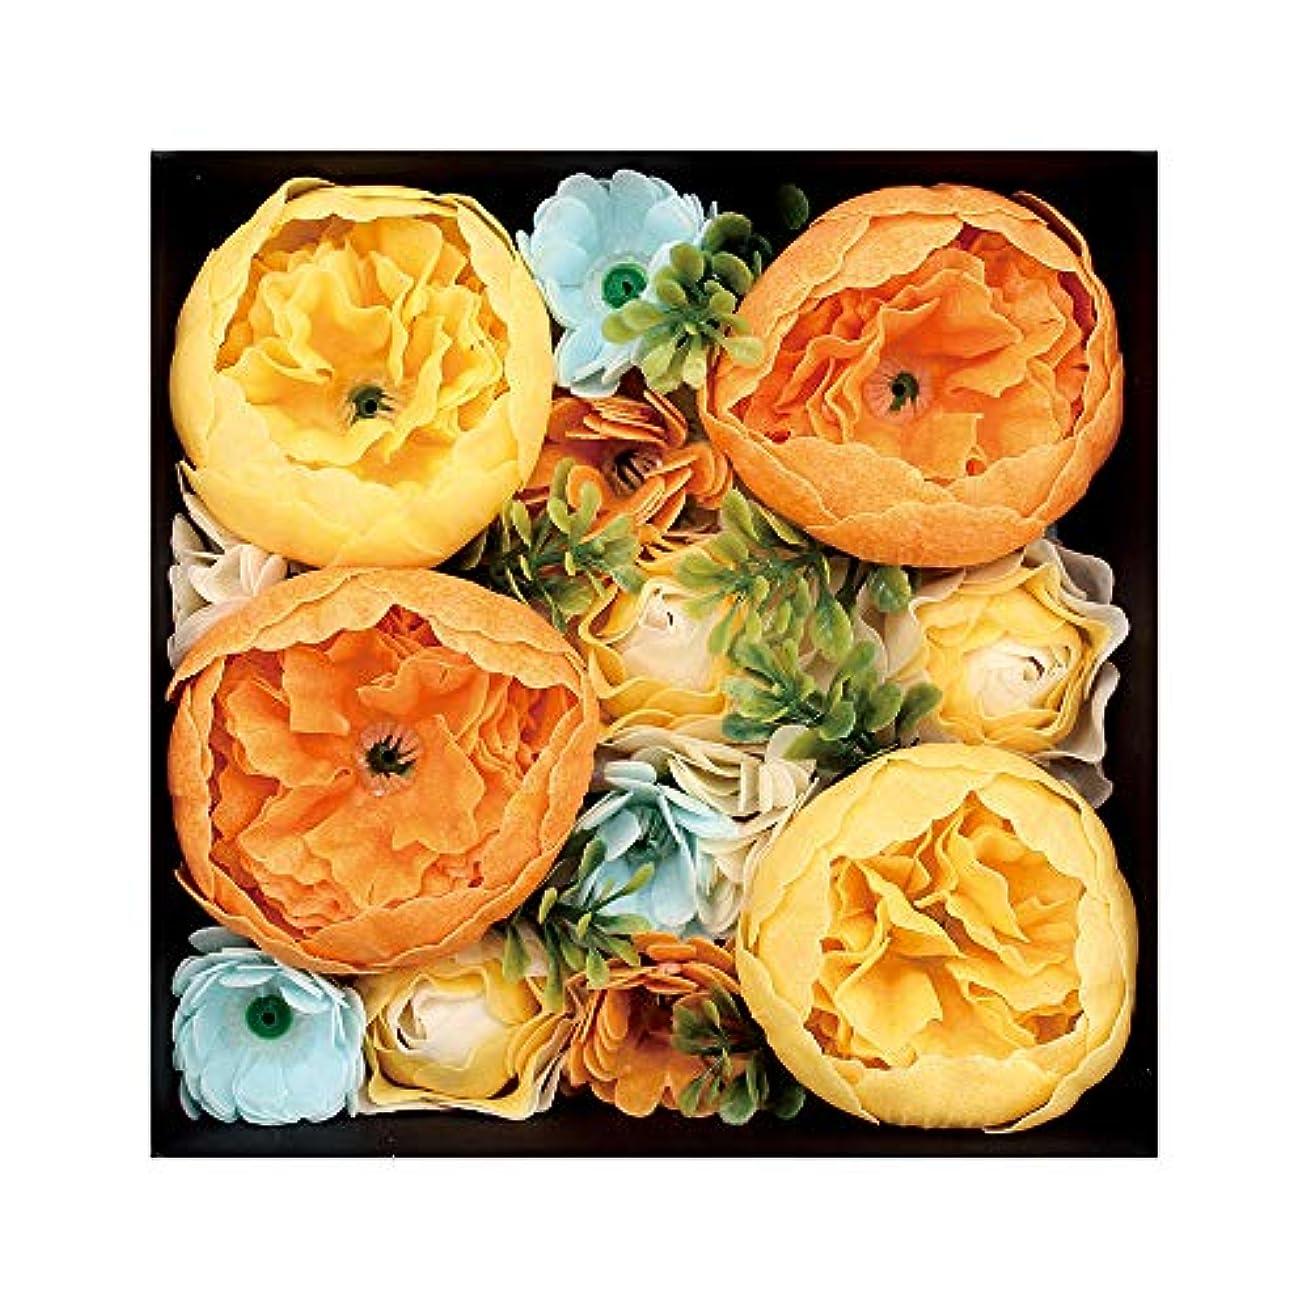 効果圧倒的大臣ノルコーポレーション 入浴剤 シャンドフルール バスペタル 130g オレンジの香り シエル OB-EGN-1-4